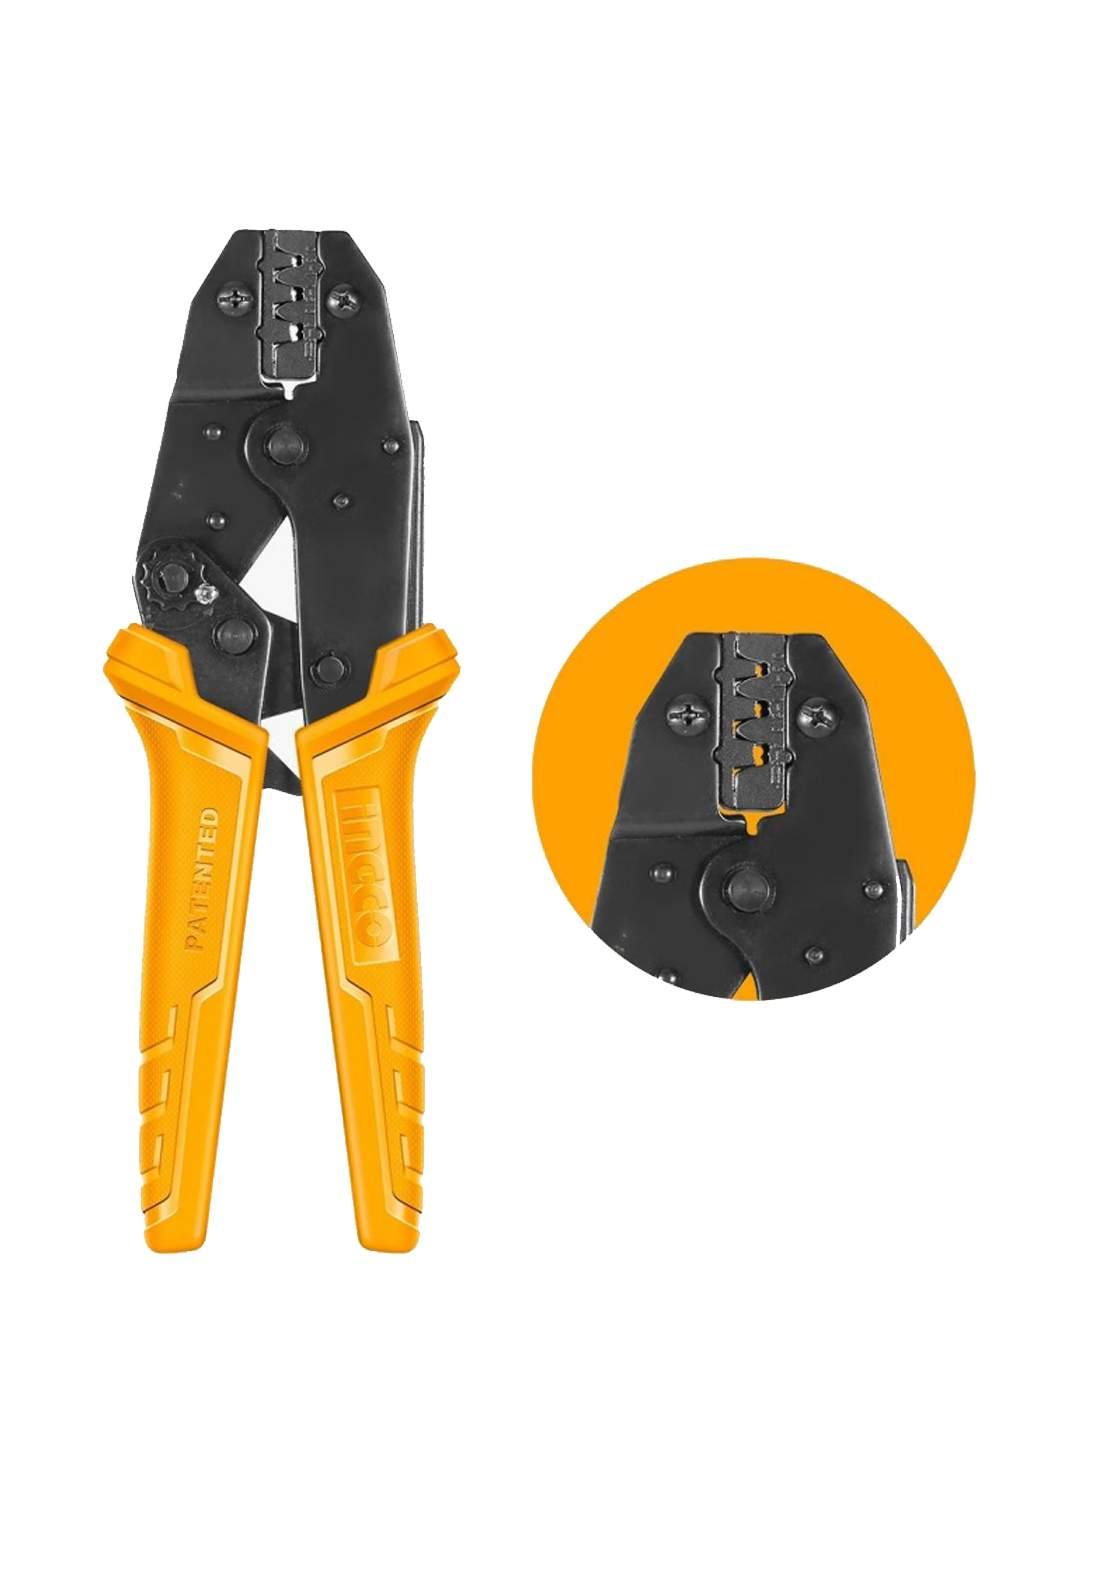 Ingco HRCPC0506 Ratchet Crimping Pliers 230 mm كماشة كابسة اسلاك